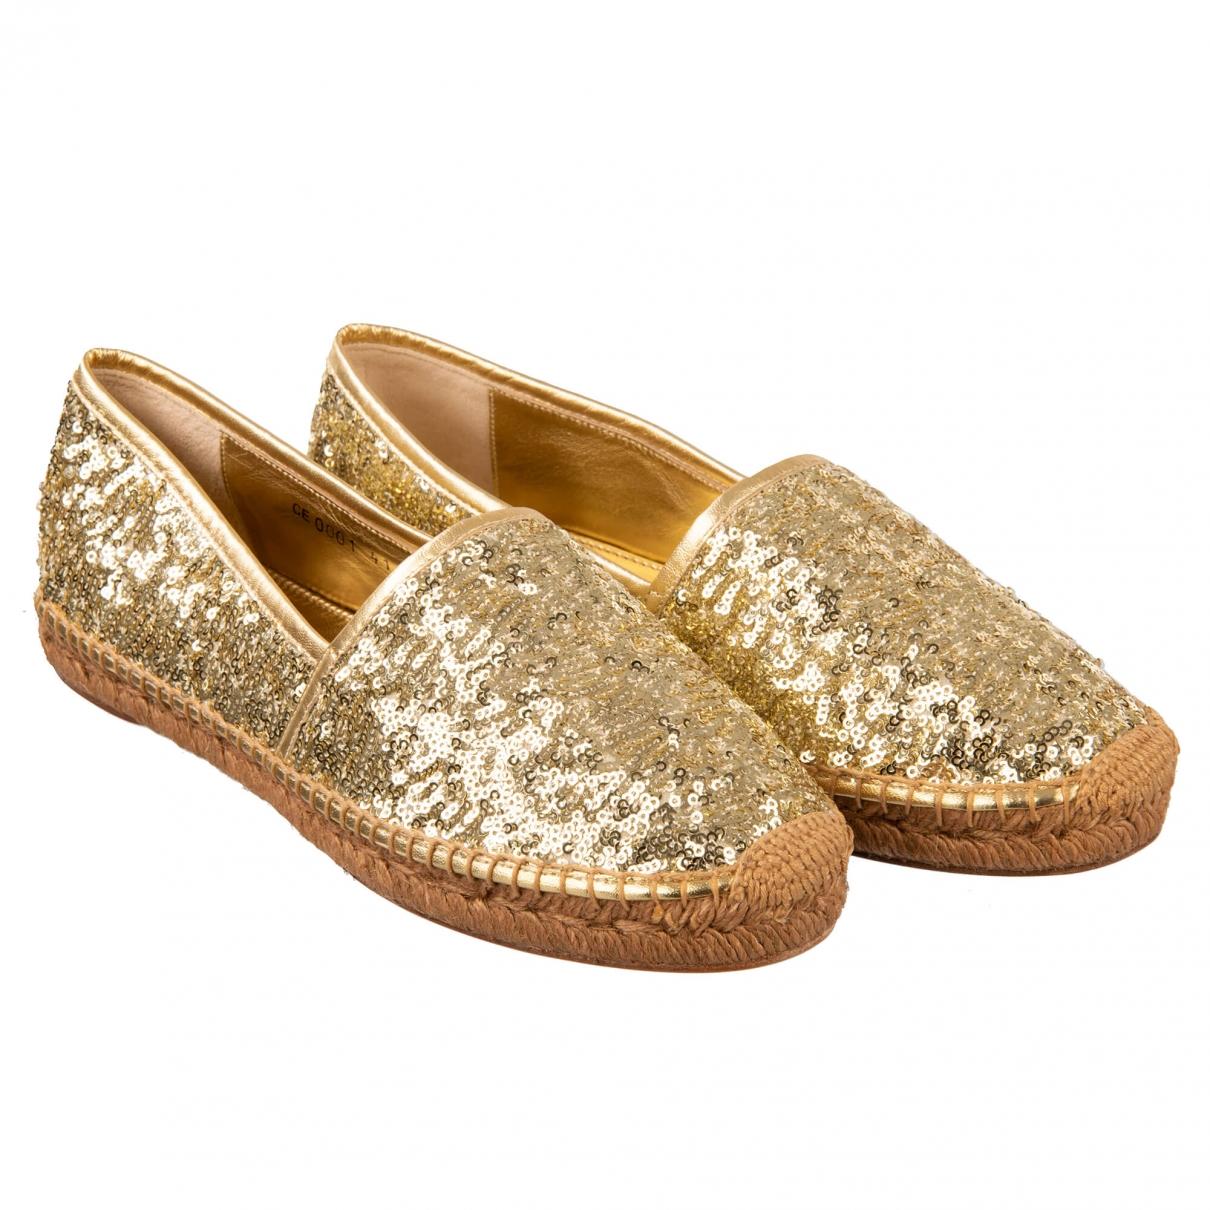 Dolce & Gabbana - Espadrilles   pour femme en a paillettes - dore